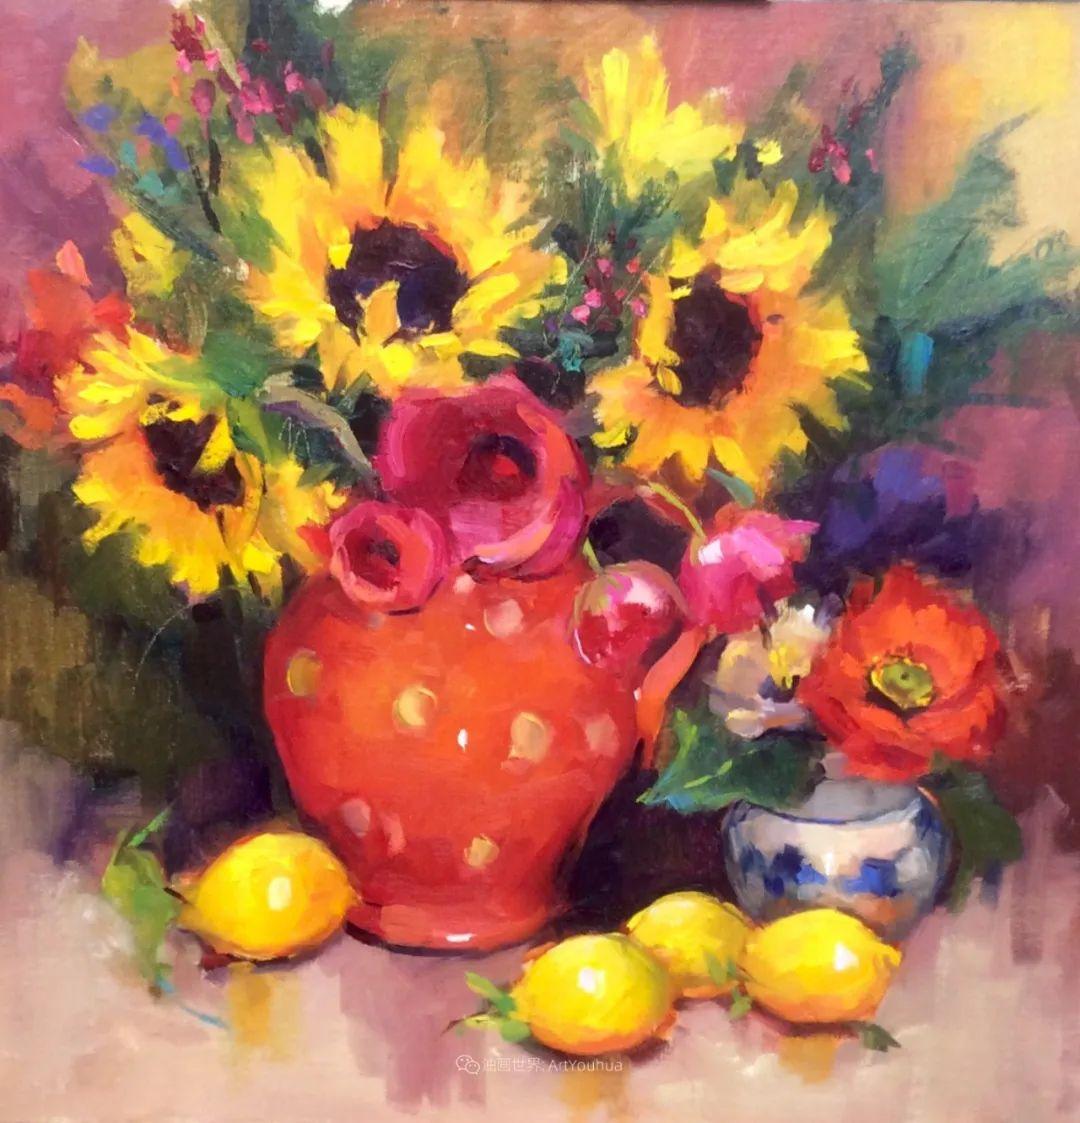 大笔触、充满活力色彩的花卉,美国女画家劳里·莱普科斯卡插图15